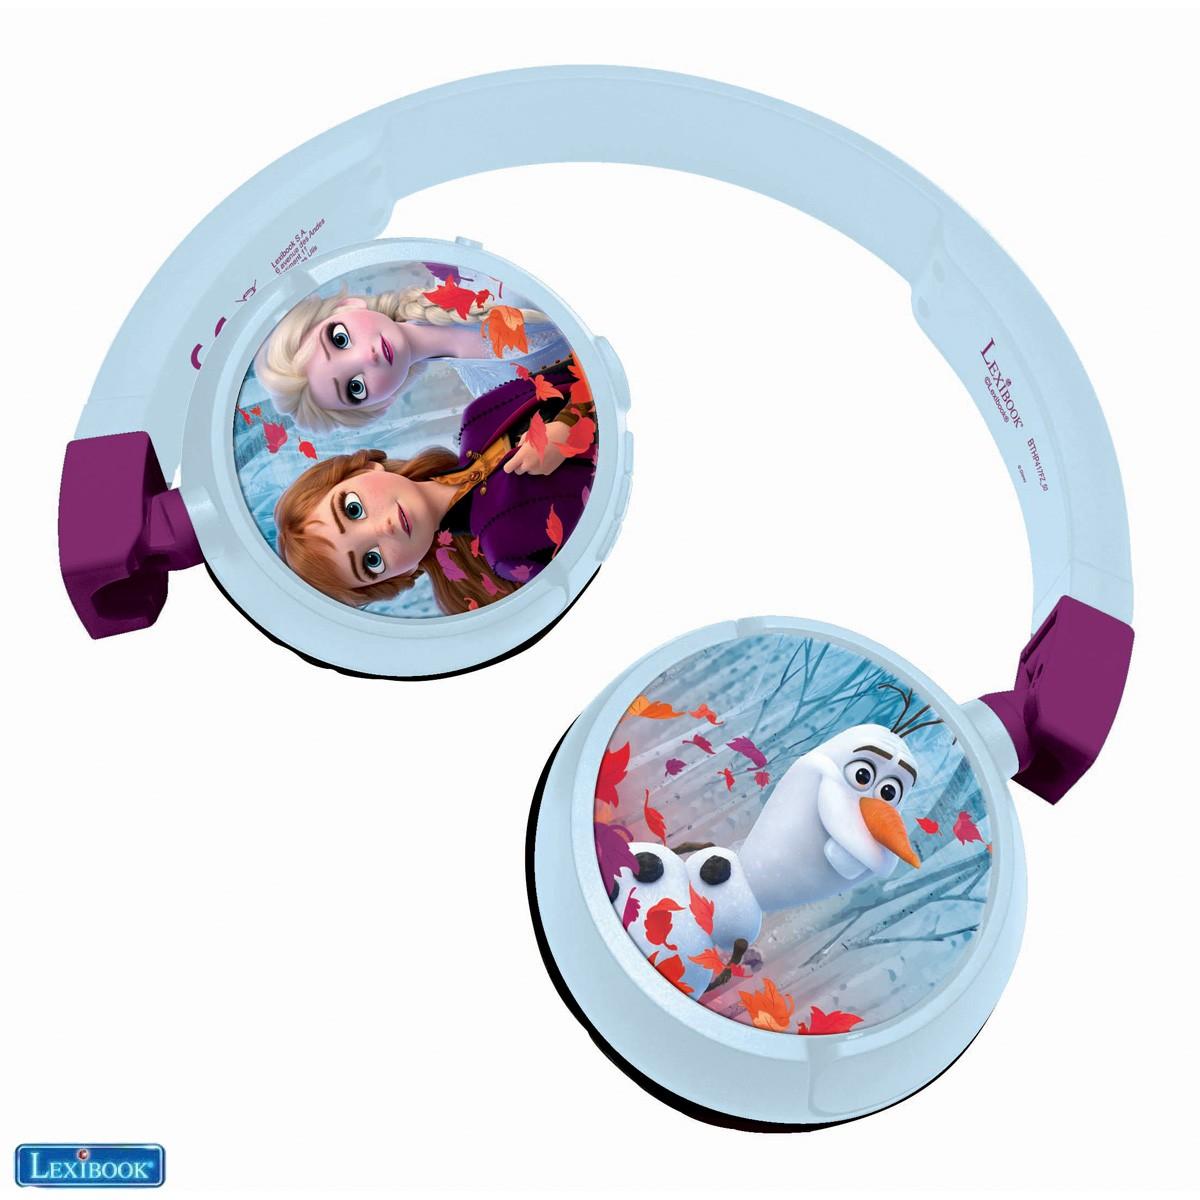 Disney Frozen Die Eiskönigin Elsa Anna, Stereo Kopfhörer mit Audiokabel modus und Bluetooth (drahtlos) modus